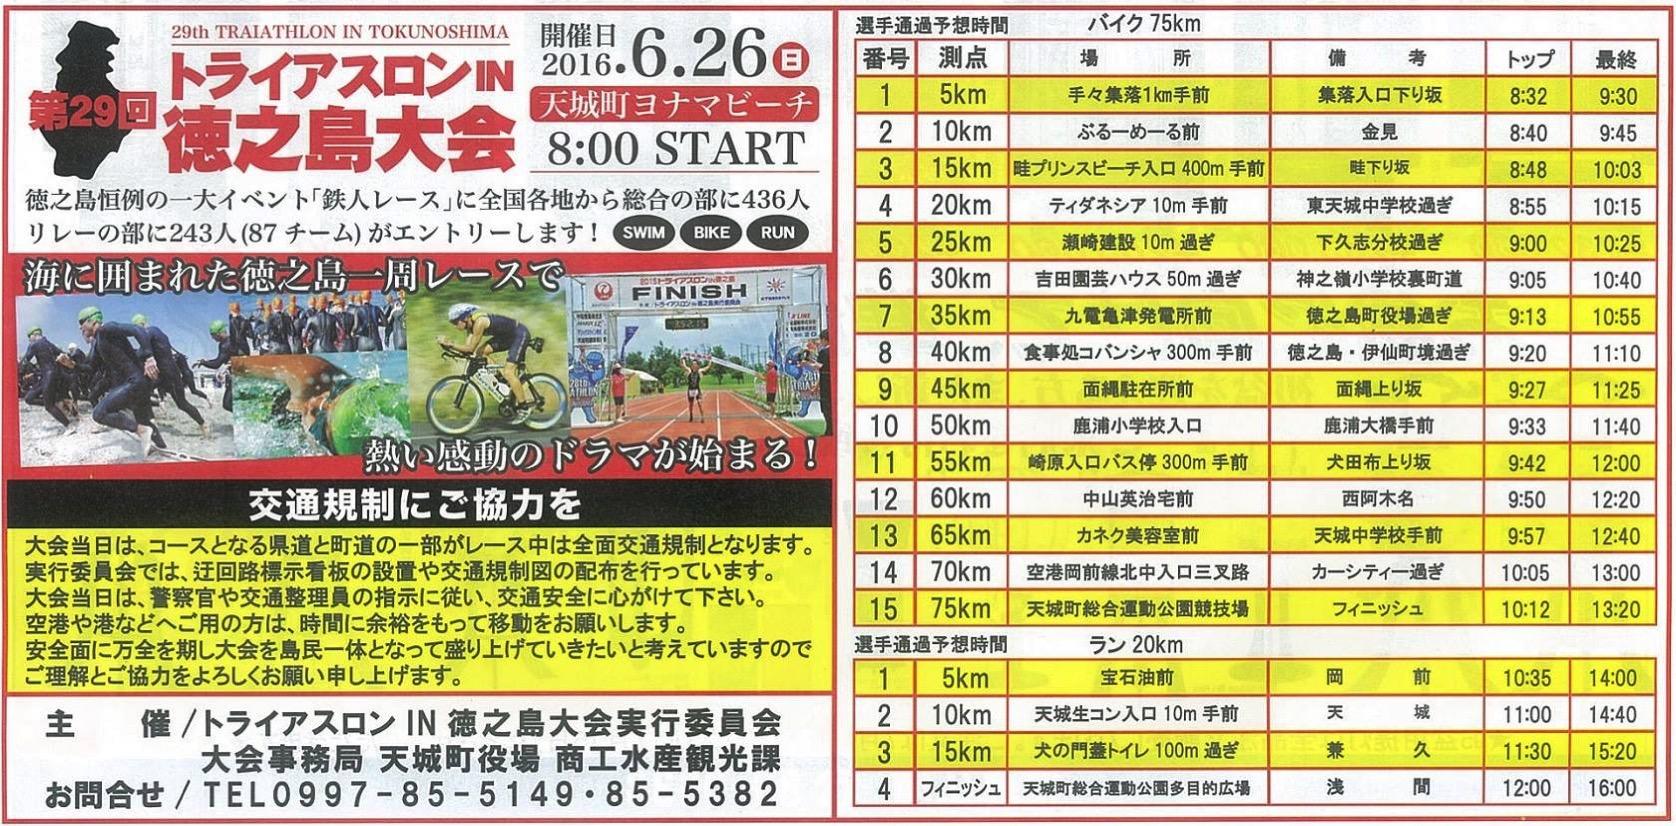 トライアスロン大会でのバイクの通過時刻表